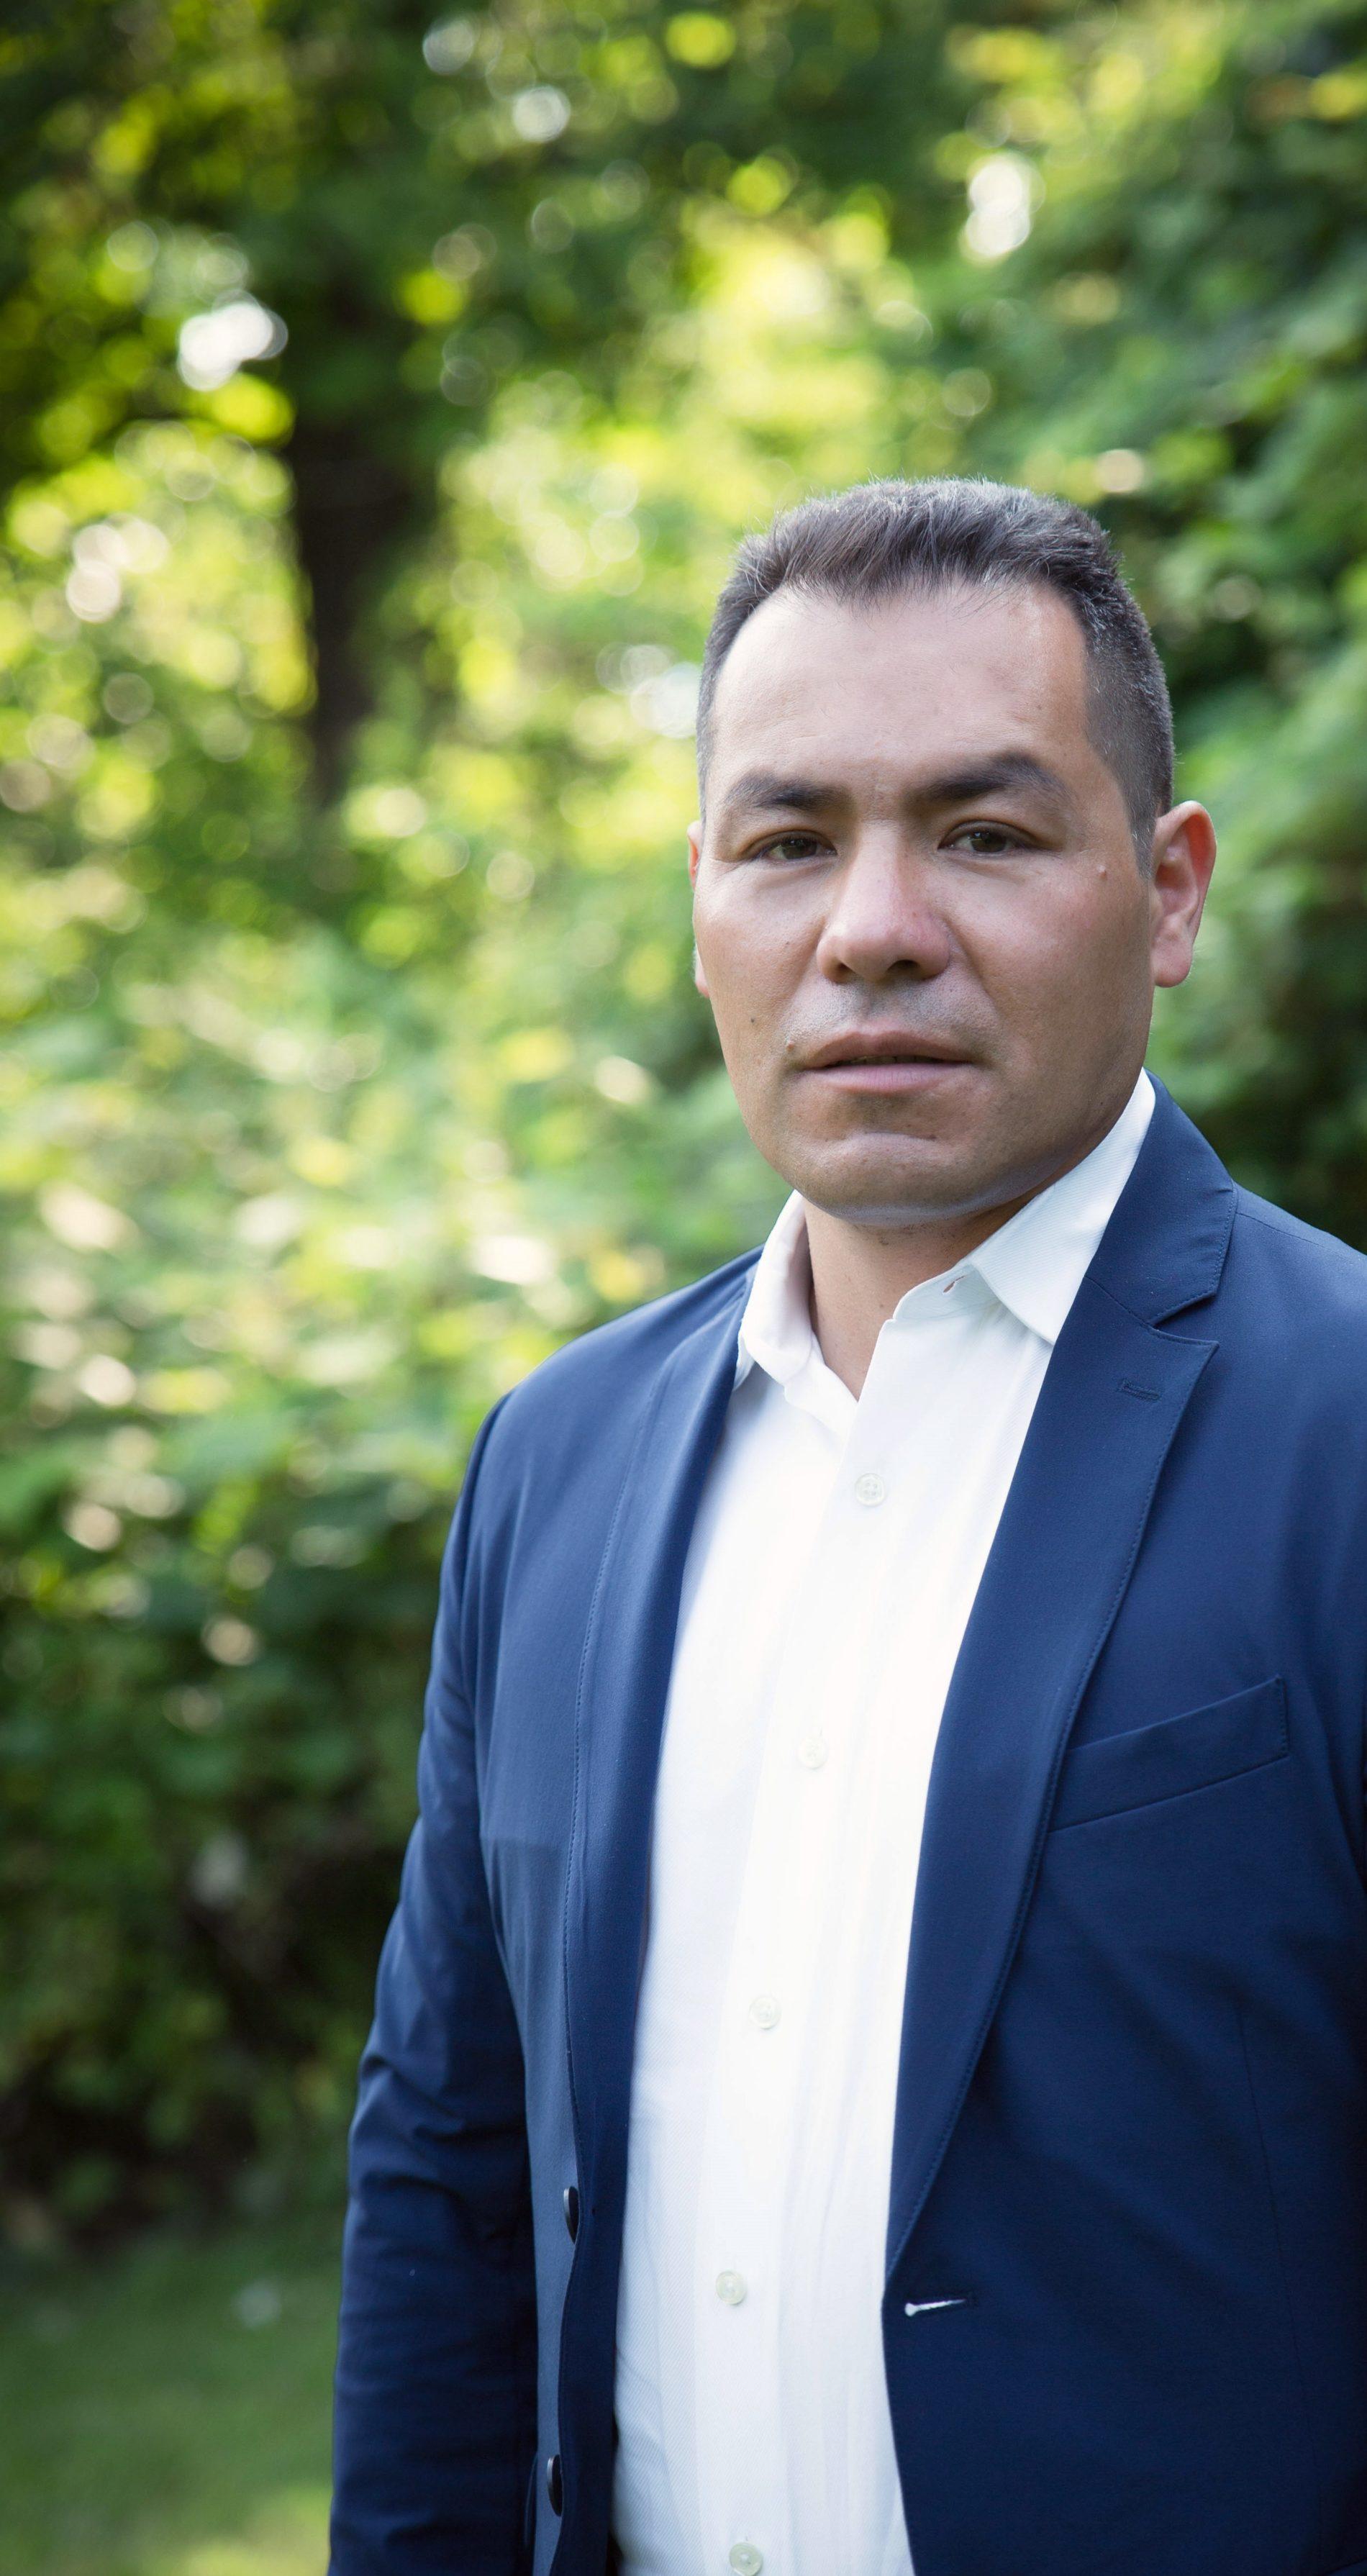 JUAN CARLOS GARCÍA: UN VISIONARIO EMPRESARIAL